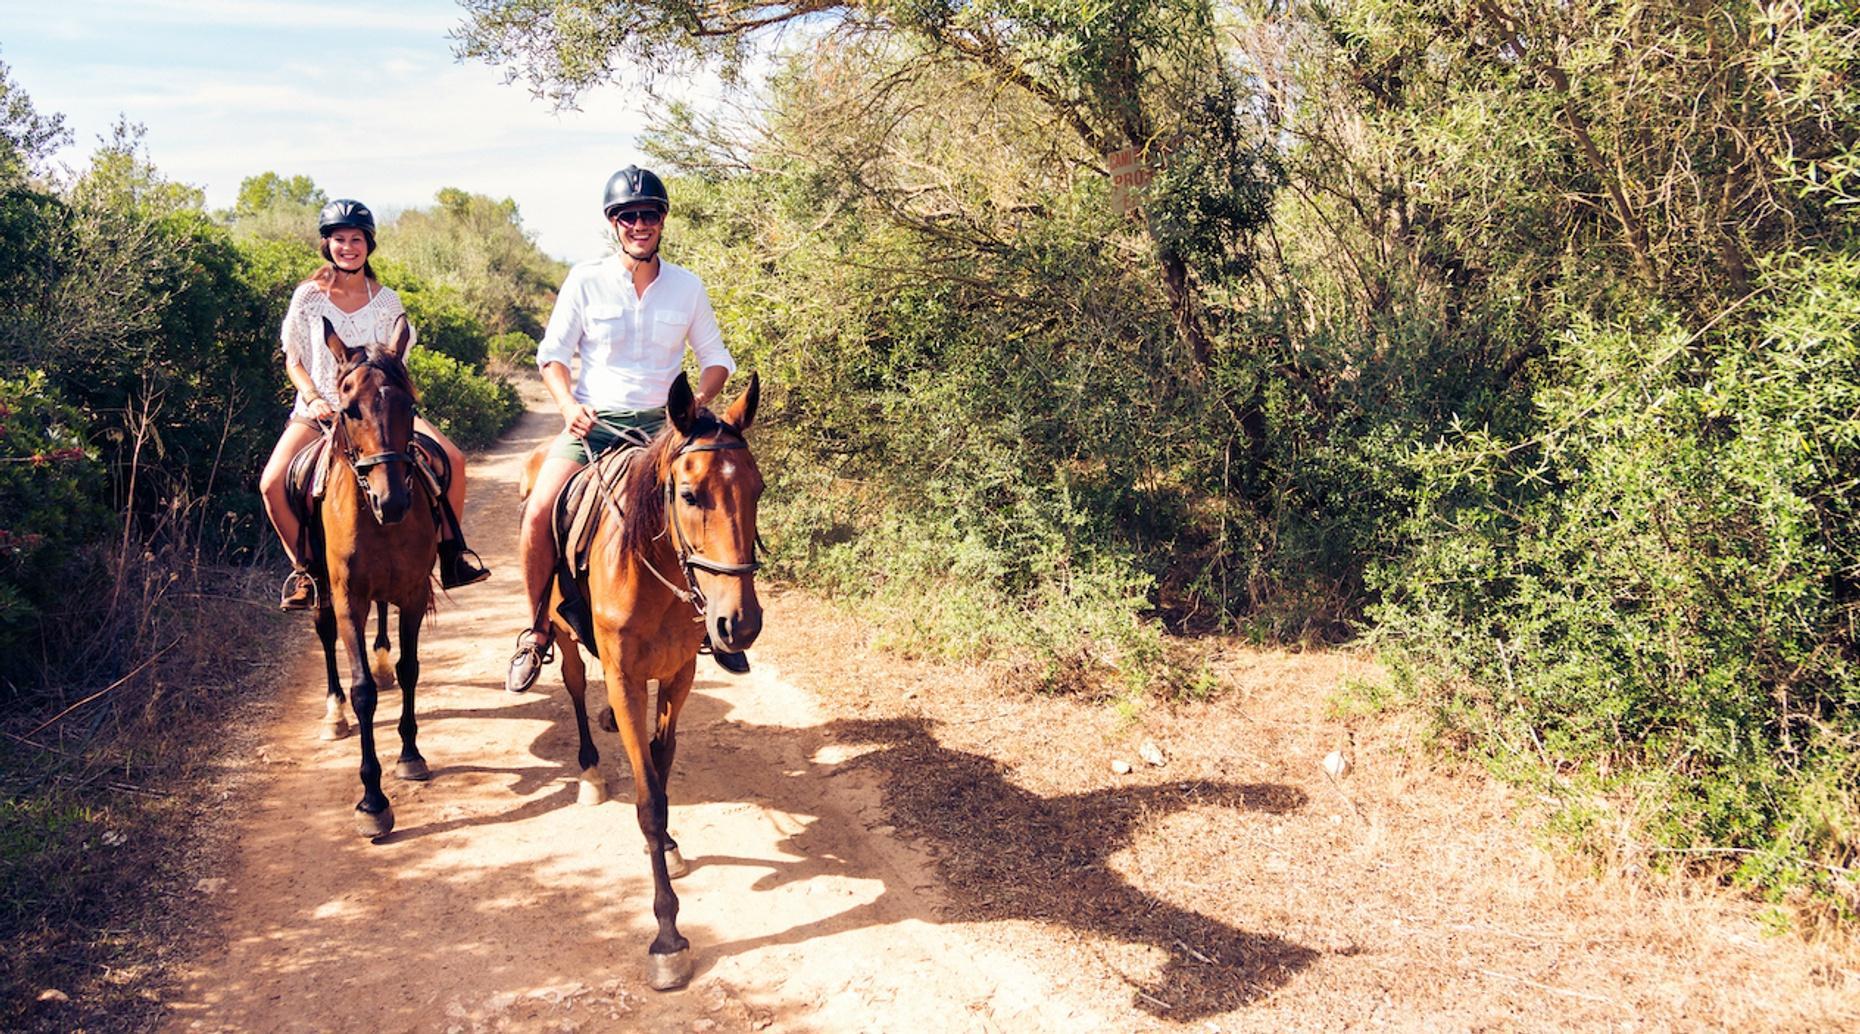 Horseback Ride in Valle de Bravo